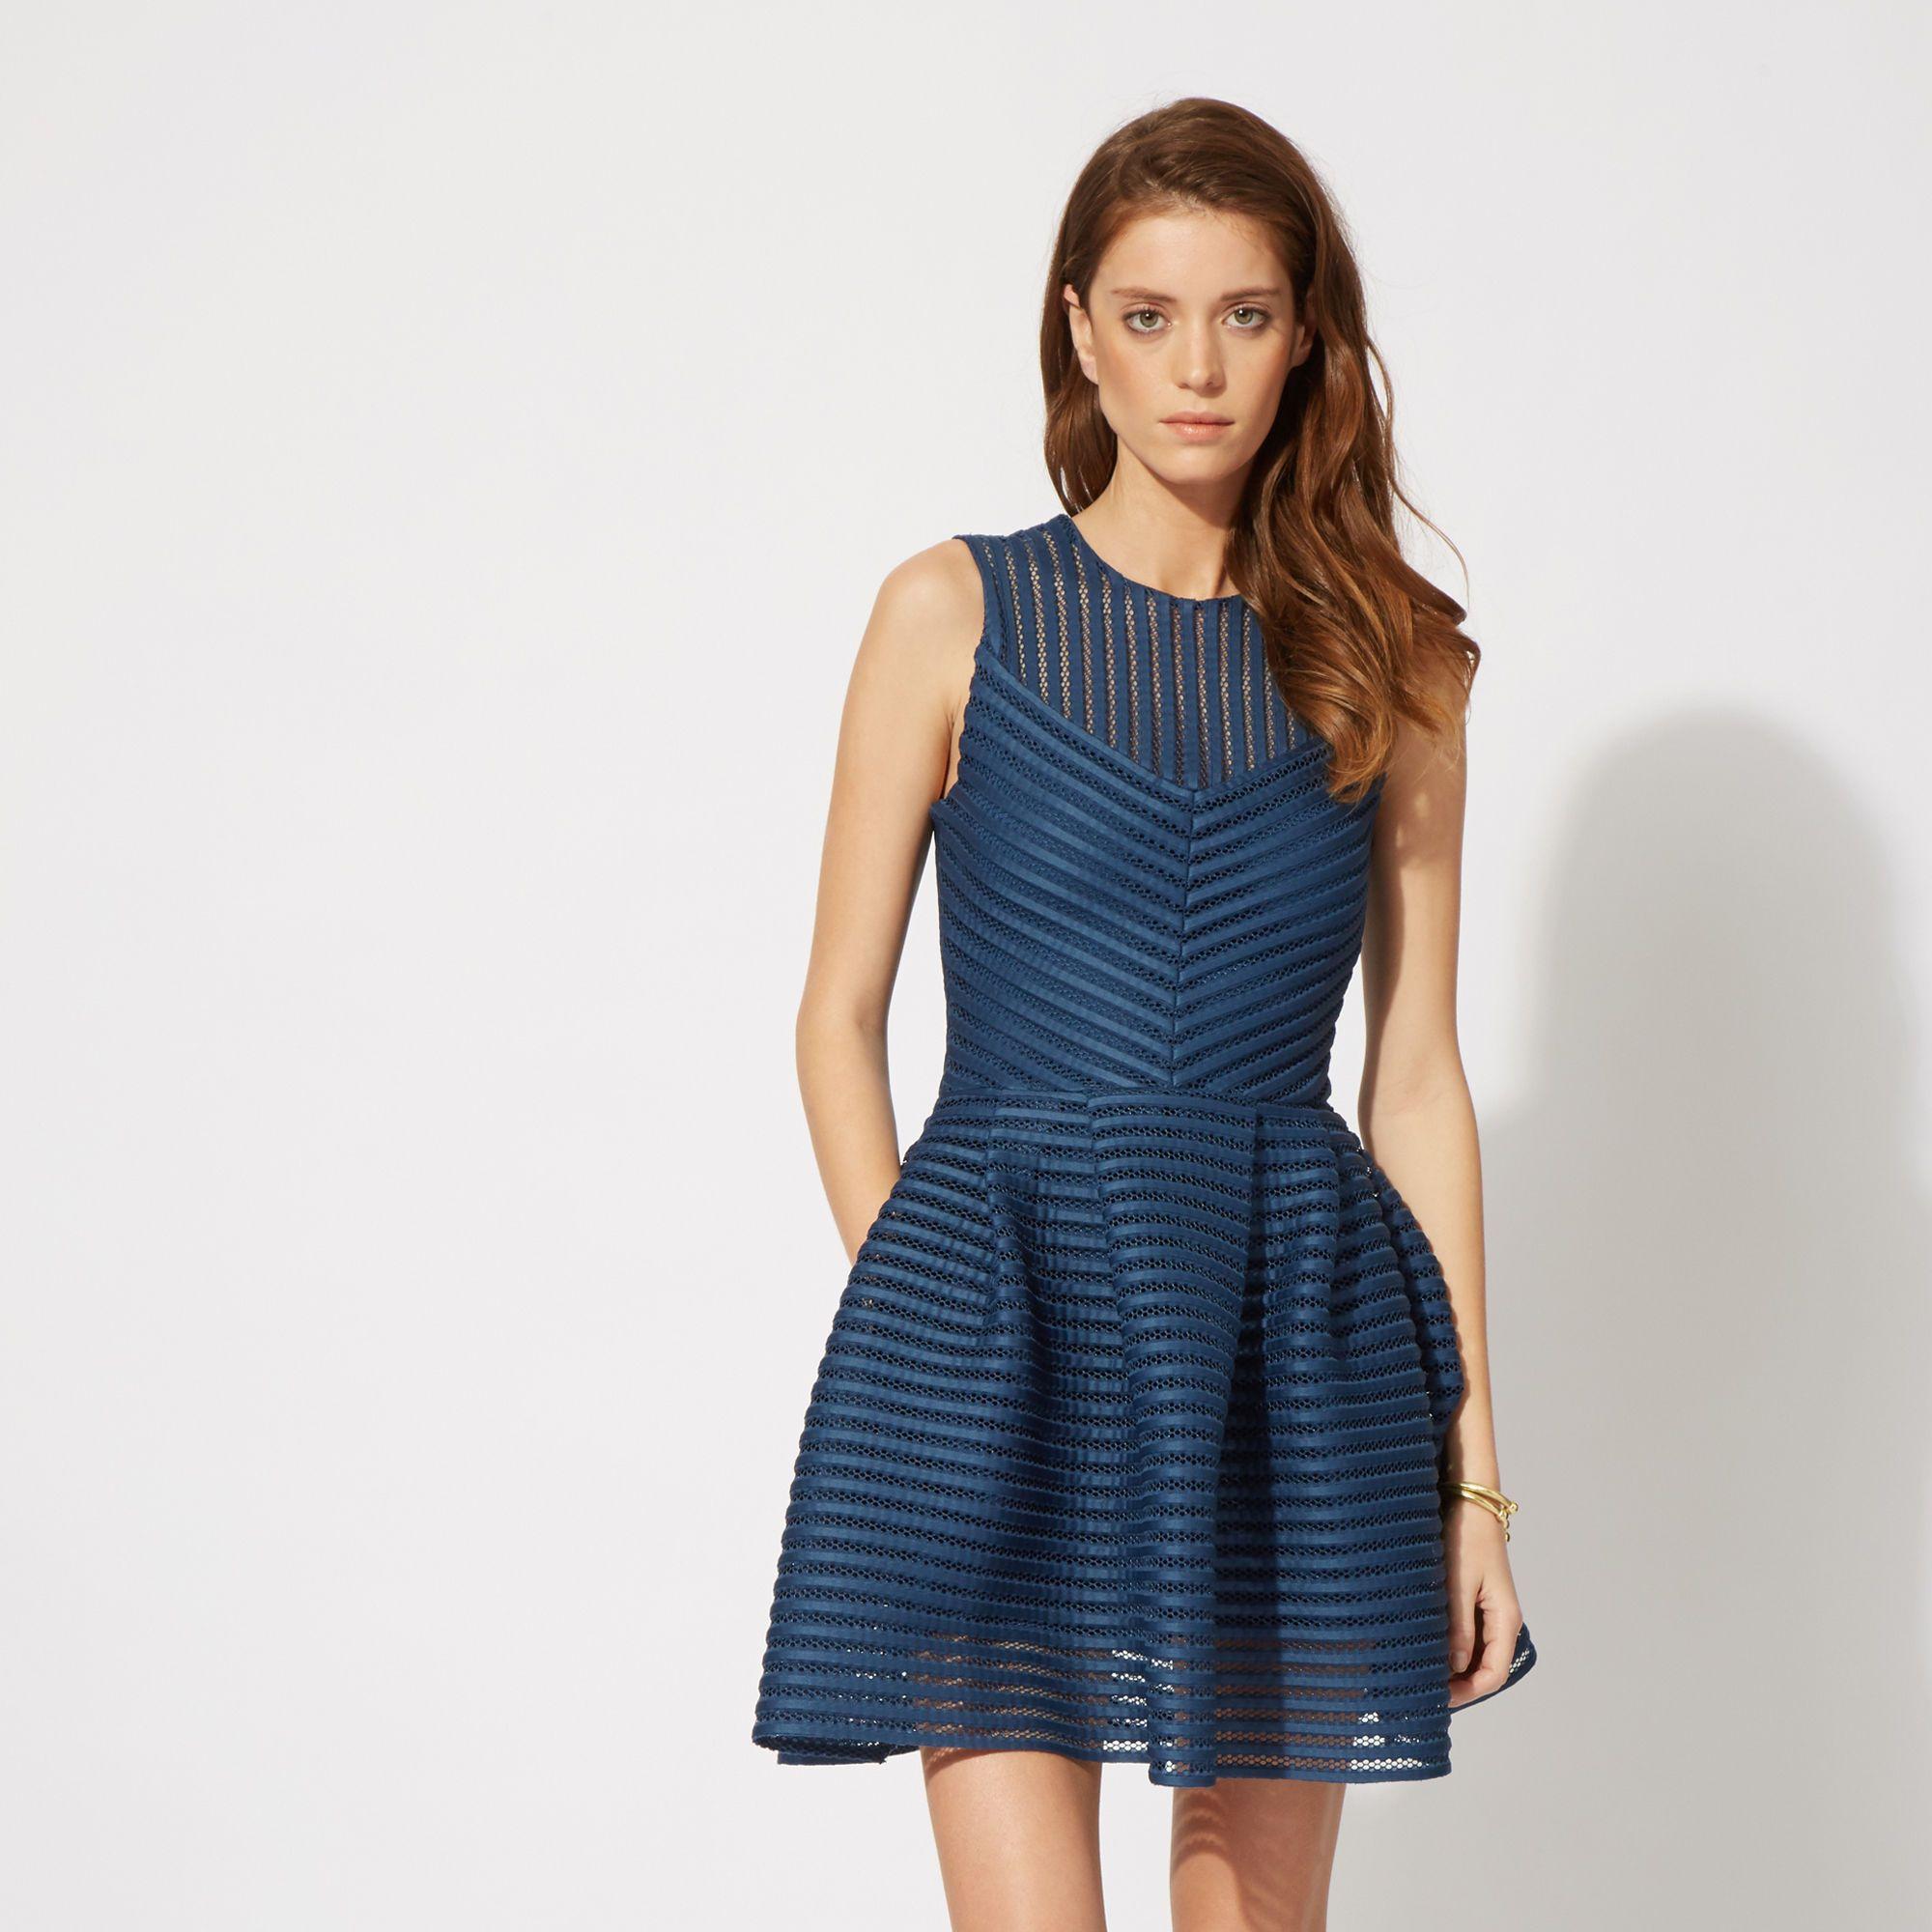 MajeWedding Renazzo Guest Vestidos Dresses Colección OX8nwk0P